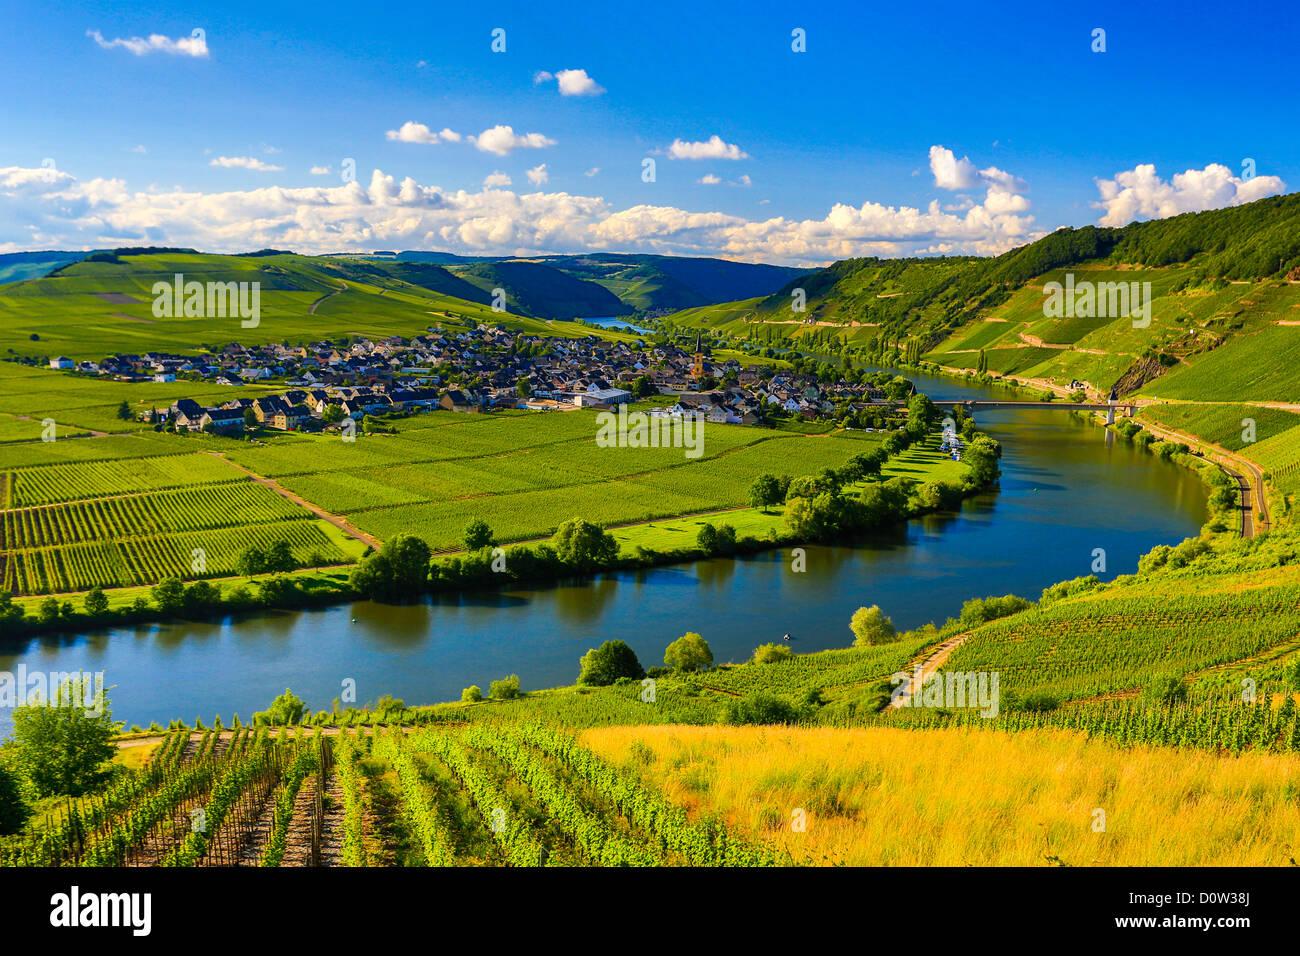 Allemagne, Europe, voyage, Moselle, Moselle, Moselle, Trittenheim, rivière, de vignes, de l'agriculture, Photo Stock